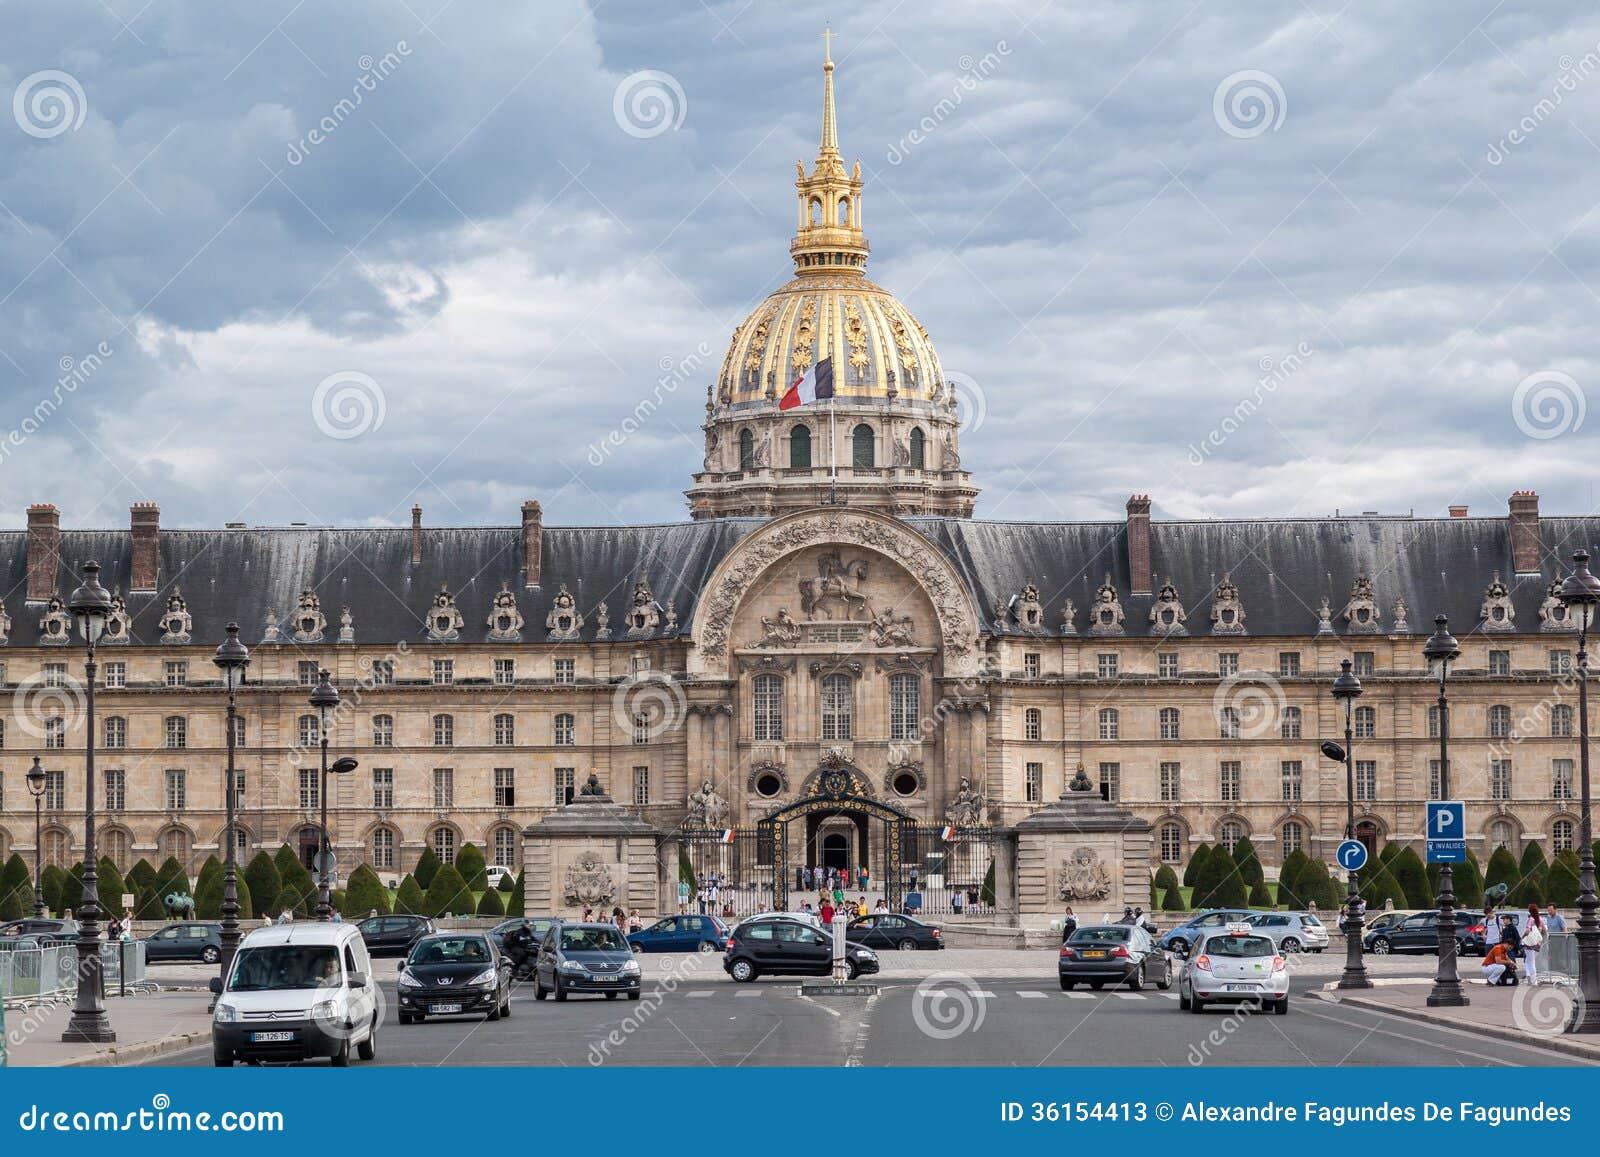 Hotel De France Invalides Paris France